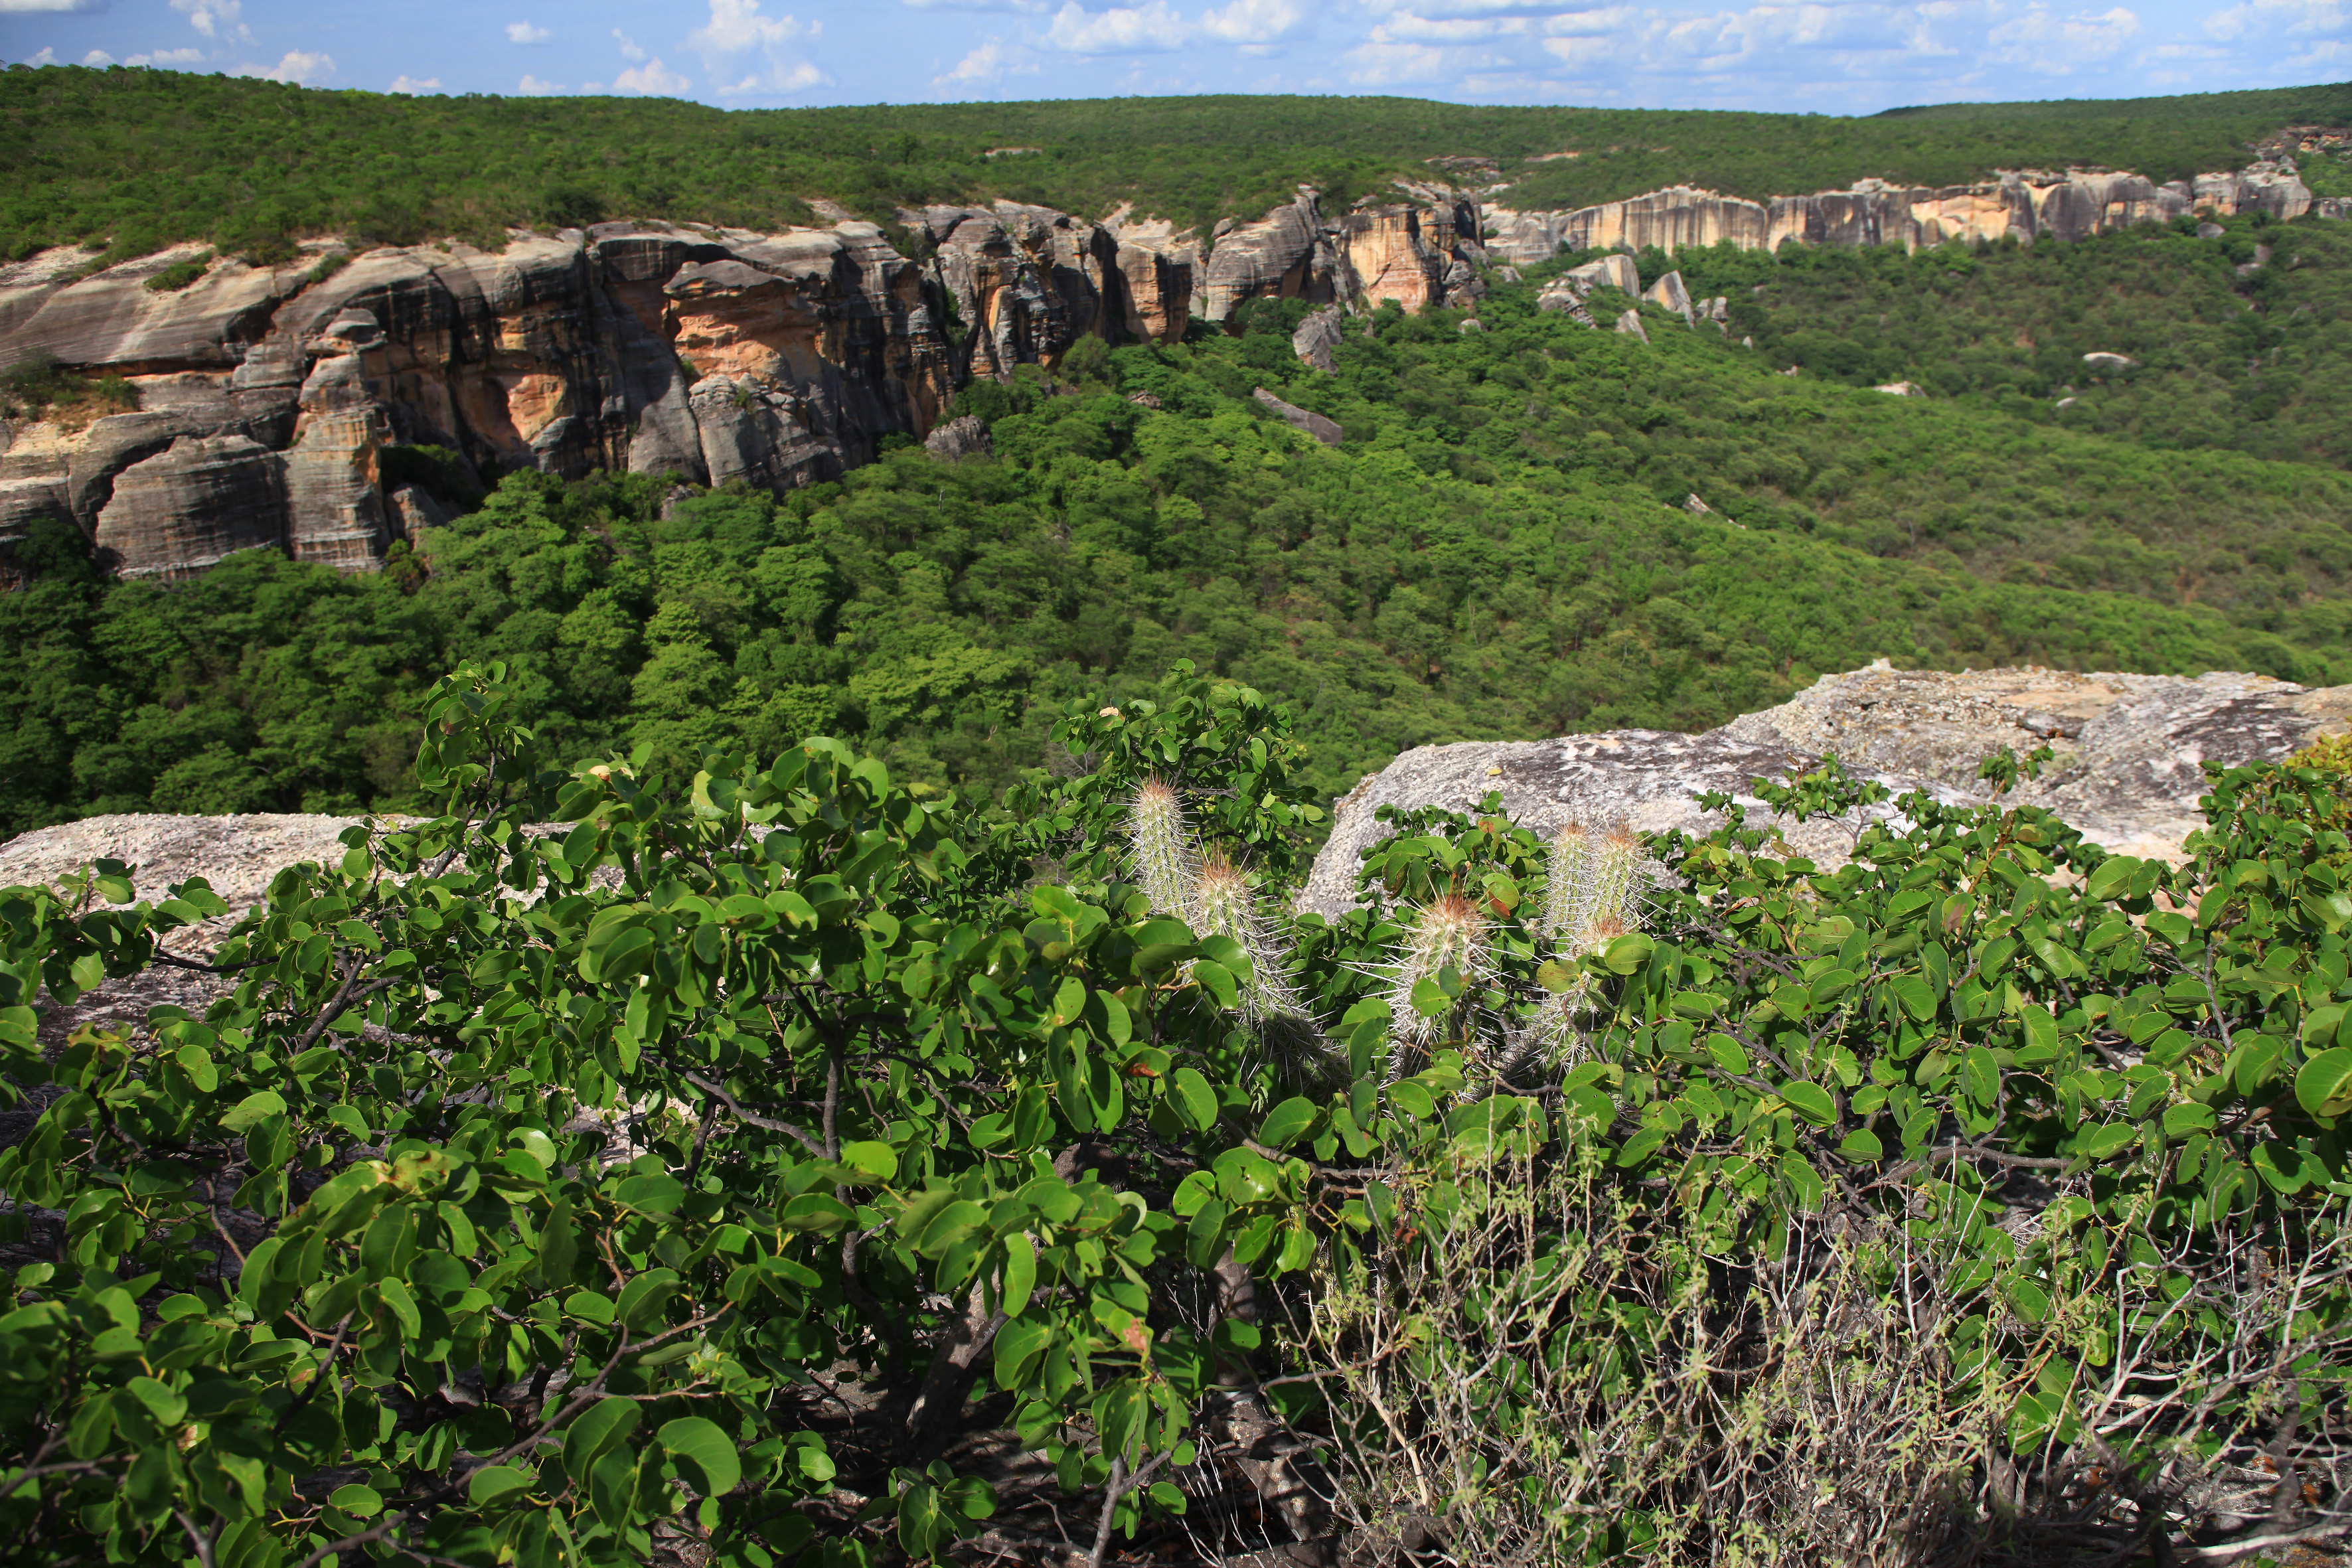 CMADS realizará audiência pública sobre o Bioma Caatinga e sua importância na vida do povo nordestino e no equilíbrio ambiental.